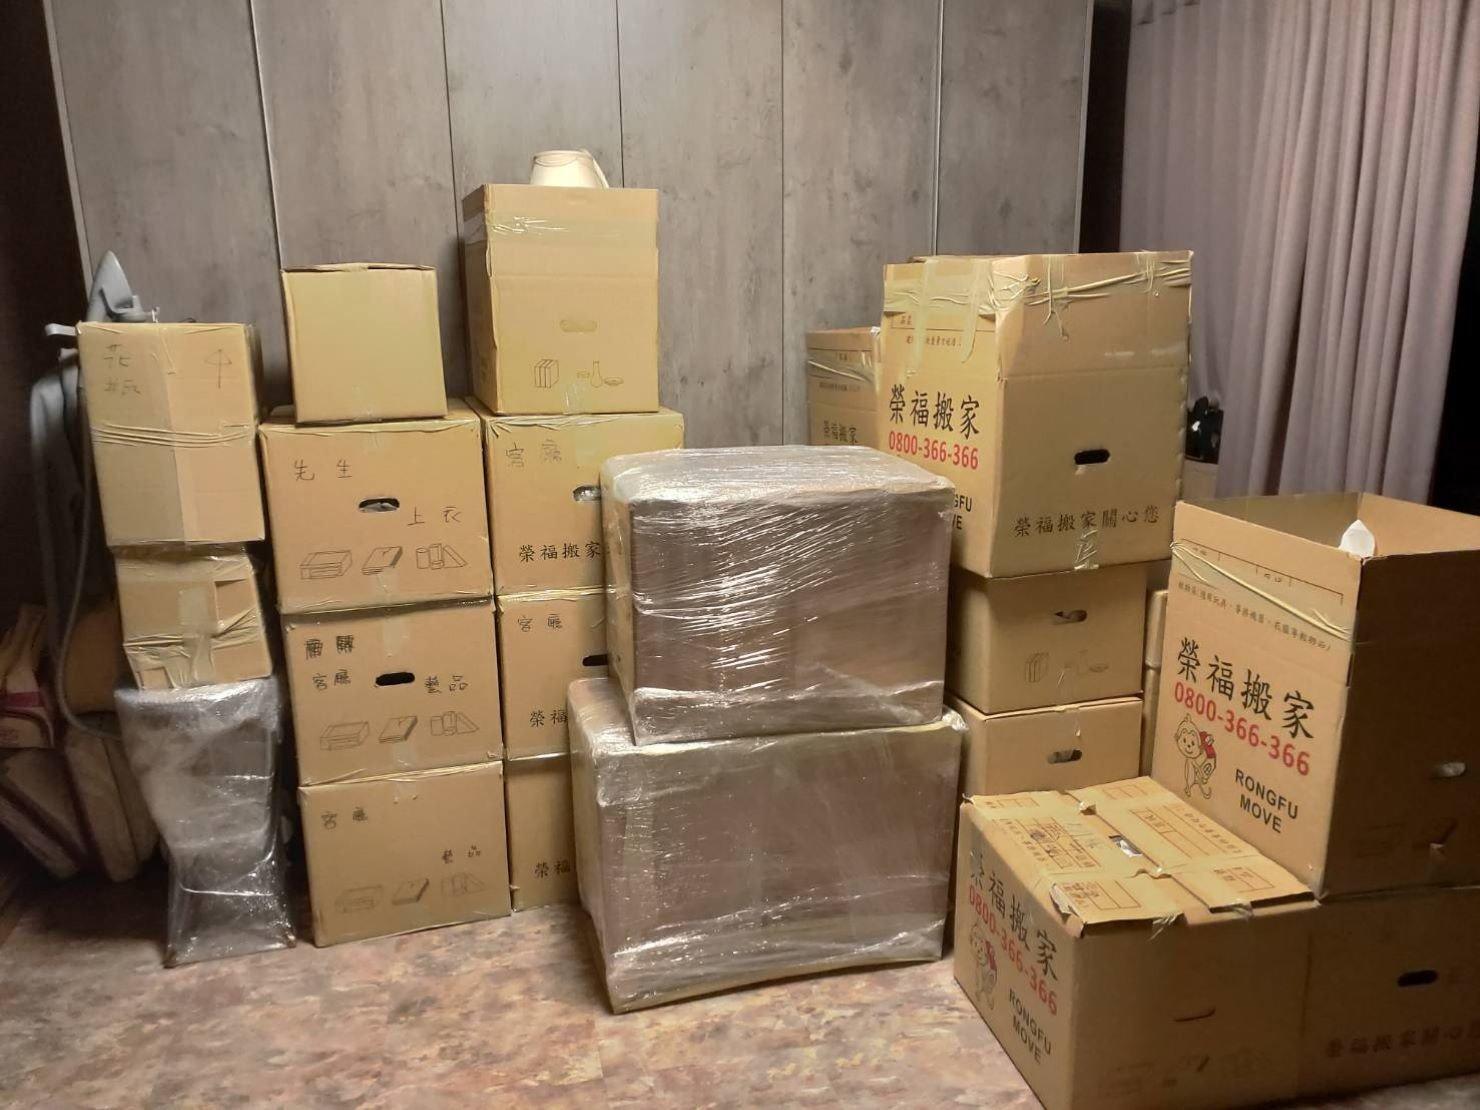 搬家推薦【榮福搬家】搬家口碑第一、台北搬家、新北搬家:師傅們將搬運物件及箱子搬到顧客指定位置整齊擺放。